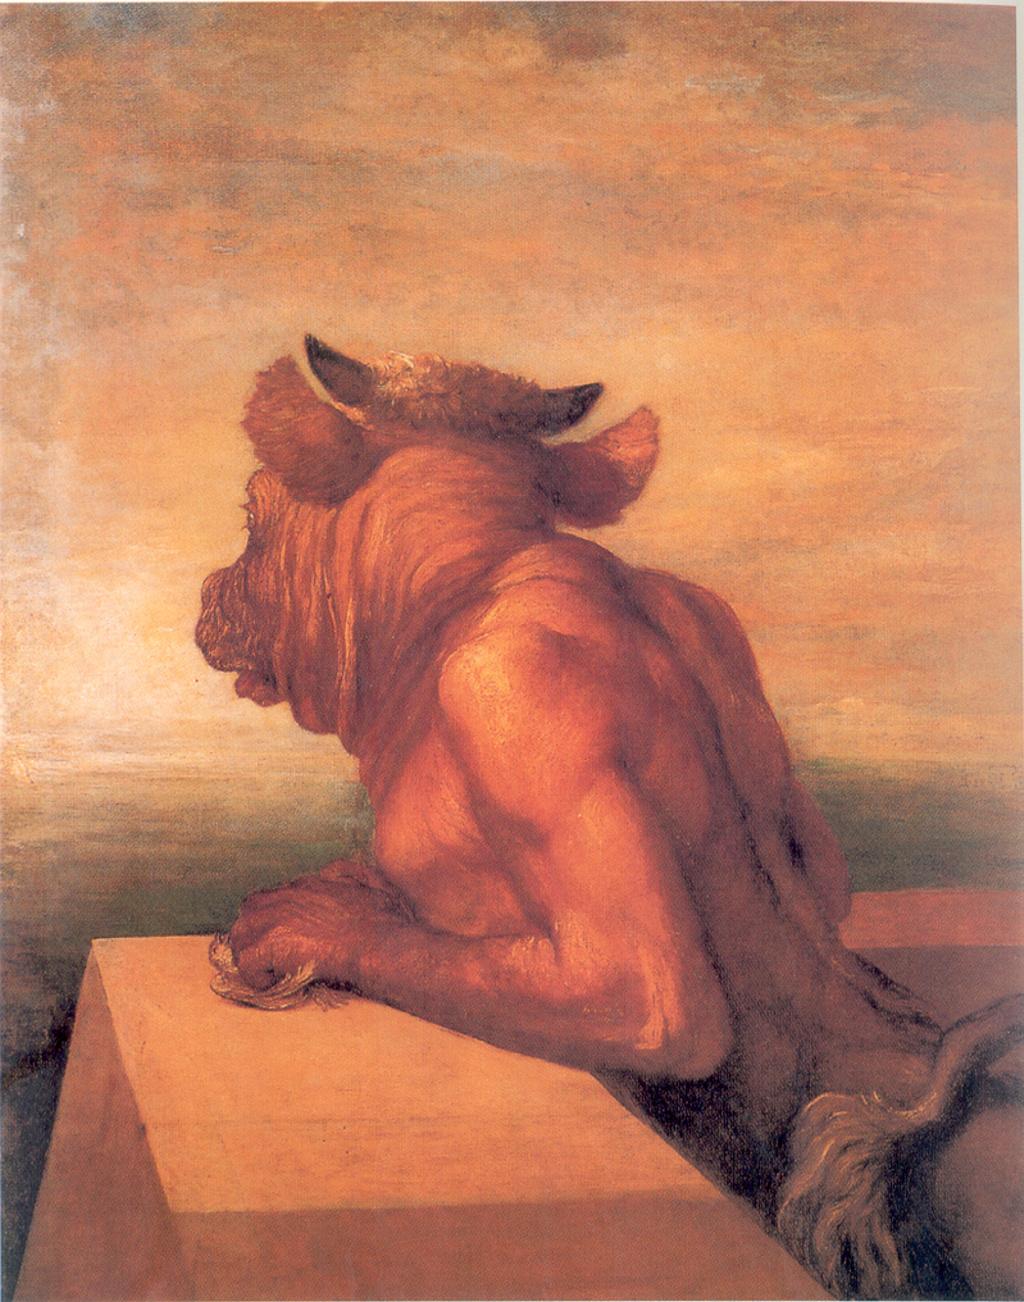 Confirman que el laberinto de Creta en el que vivía el minotauro nunca existió